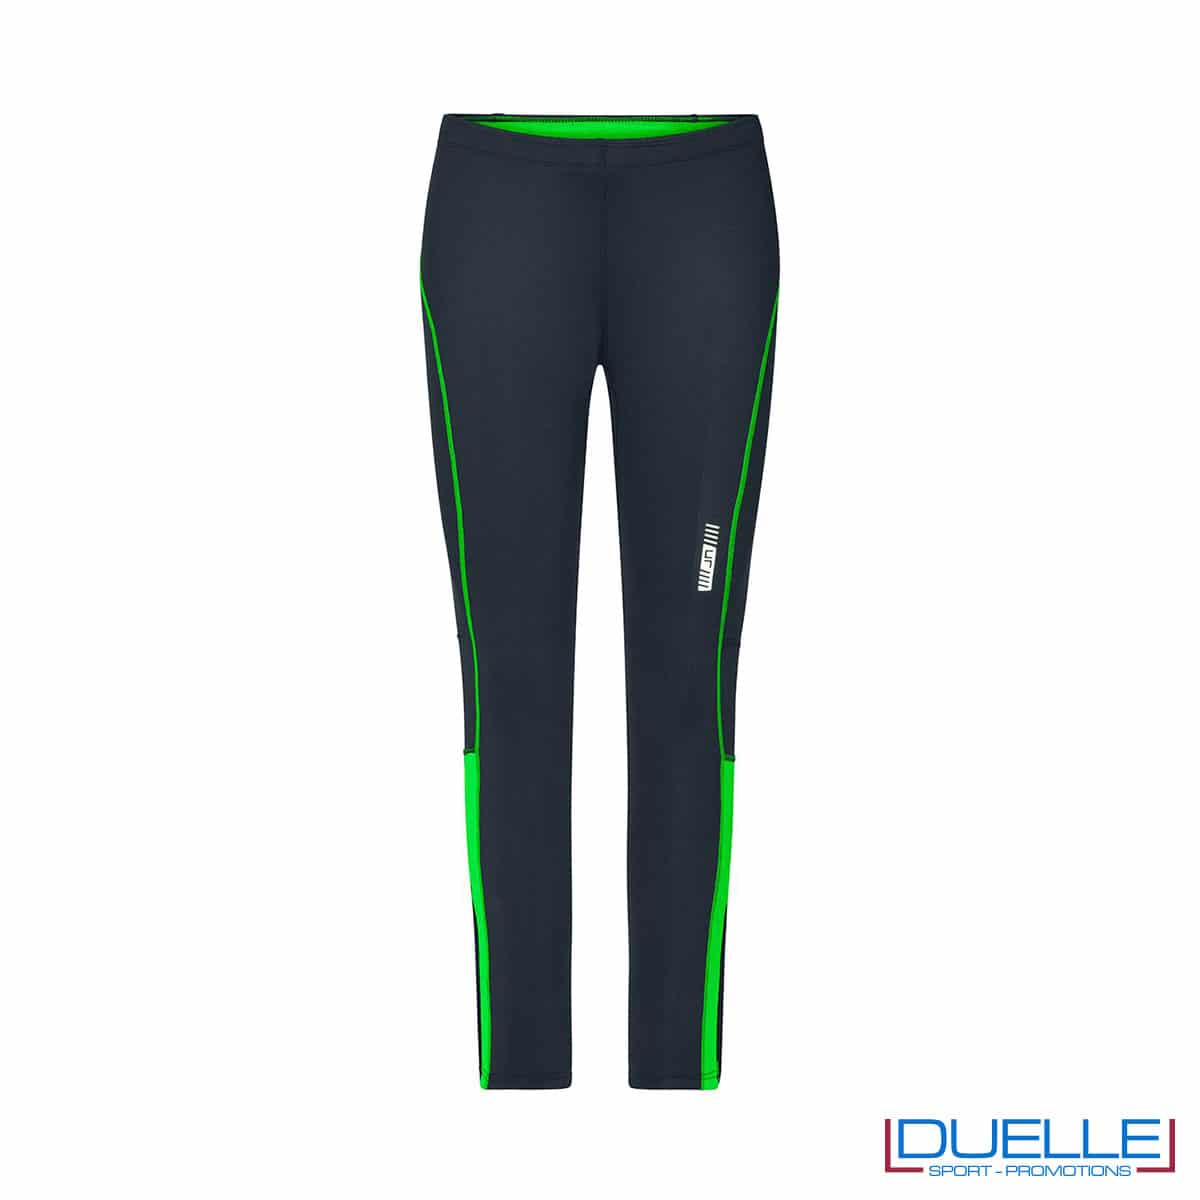 Pantaloni corsa donna antracite/verde personalizzati